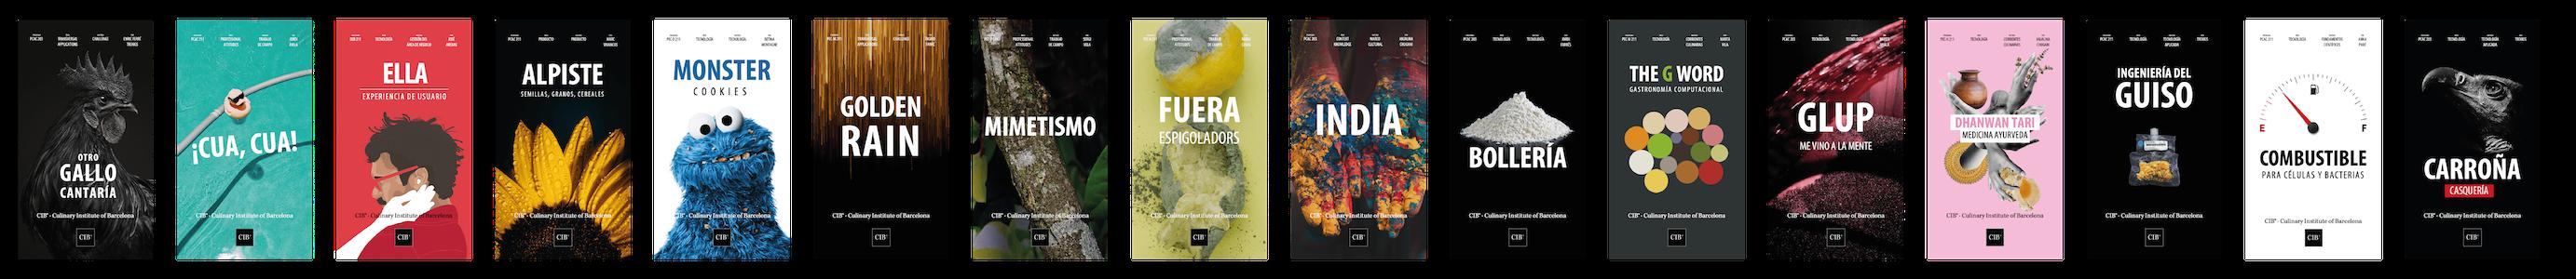 Conjunto de posters de las sesiones impartidas en el Culinary Institute of Barcelona